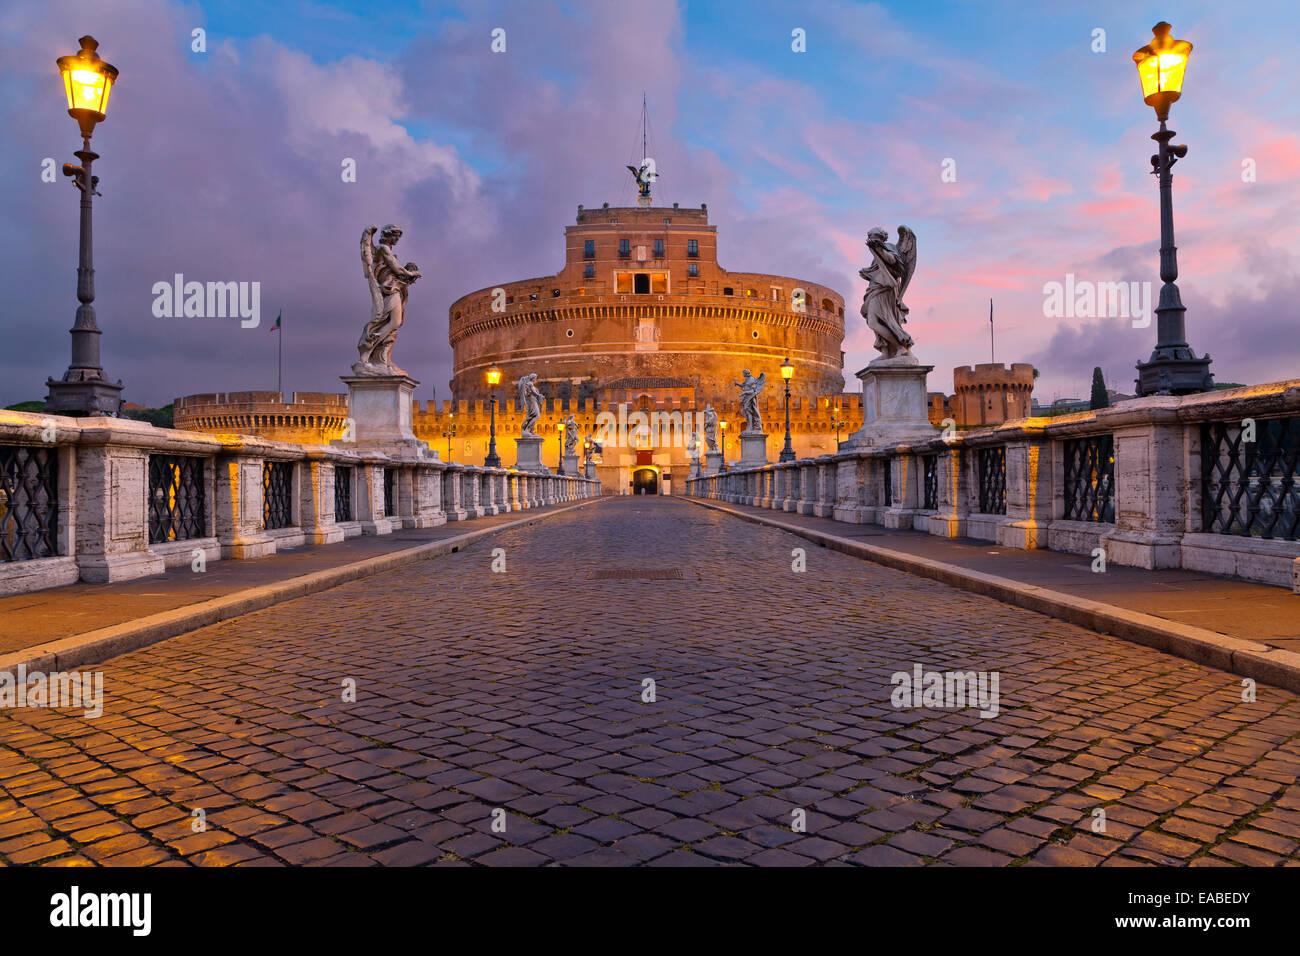 Bild der Burg der Heiligen Engel und heiligen Engel Brücke über den Tiber in Rom bei Sonnenaufgang. Stockbild